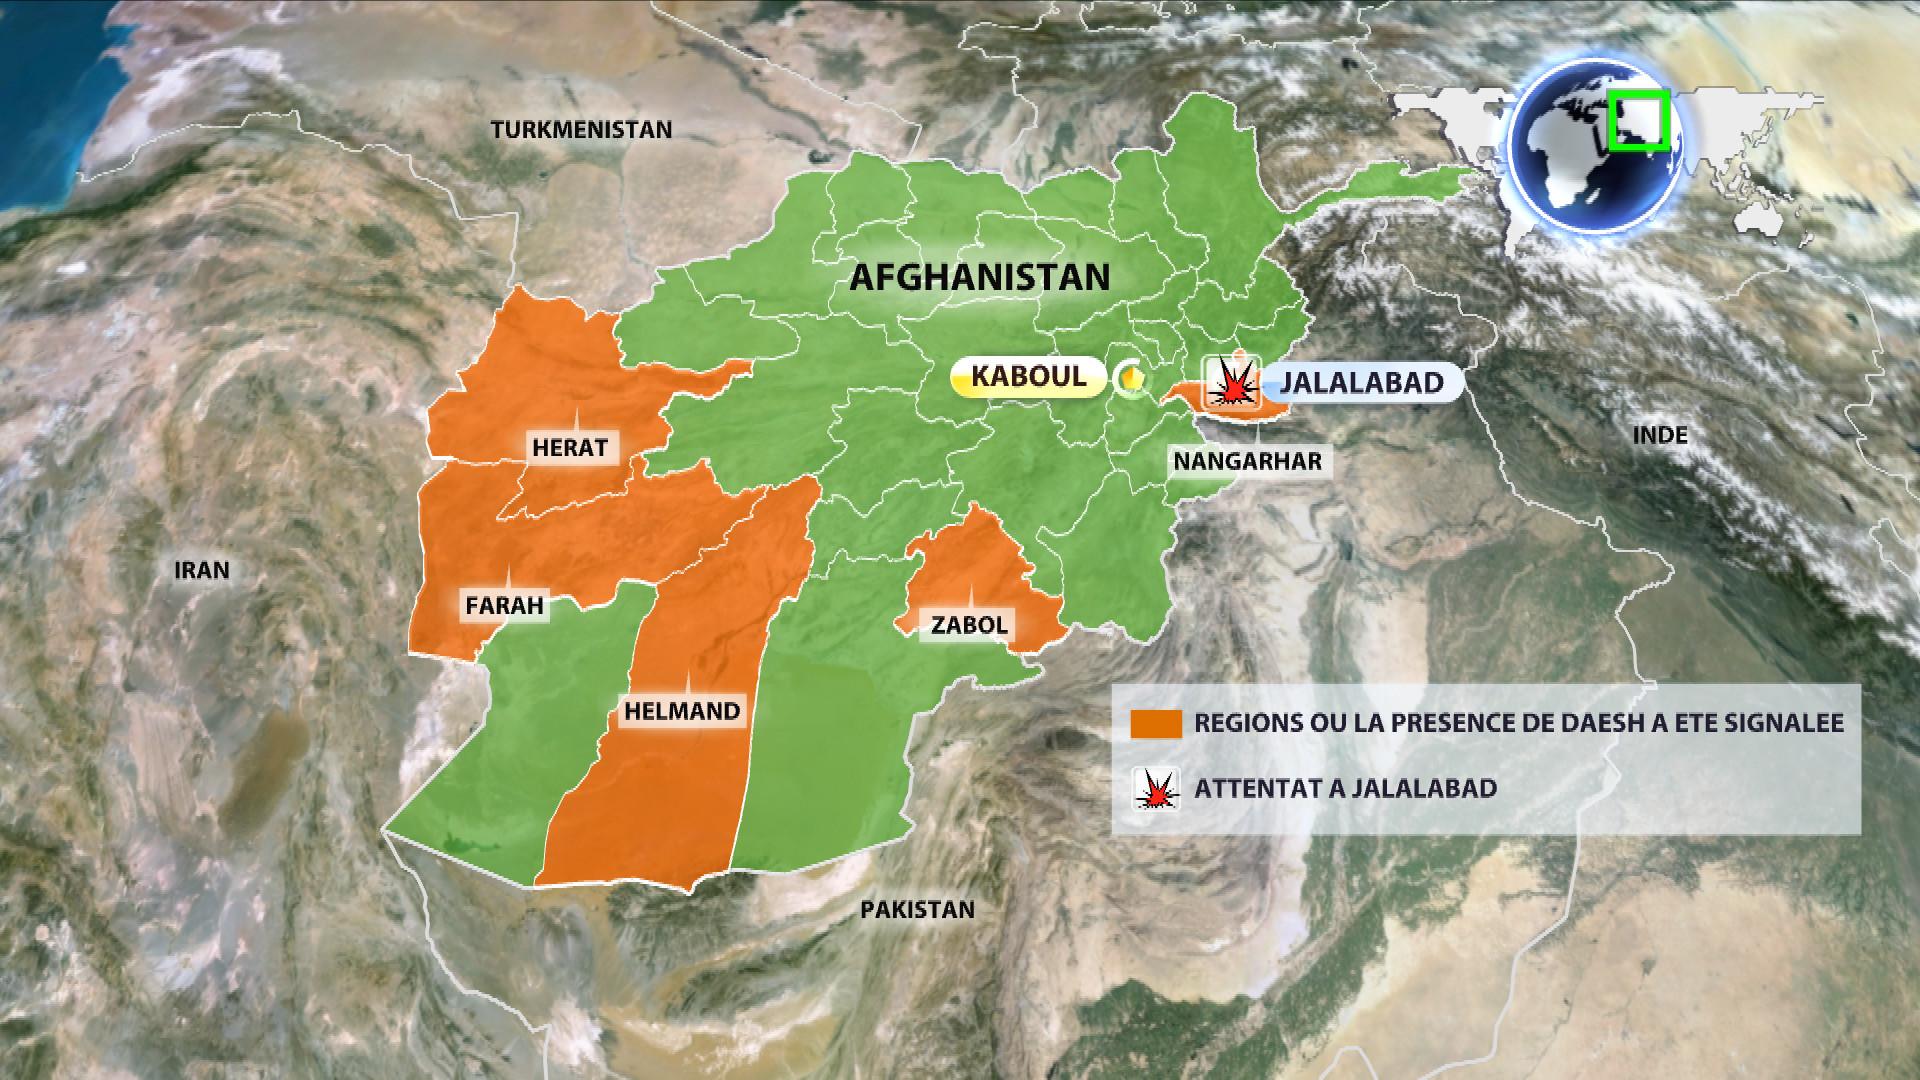 La présence de Daesh en Afghanistan